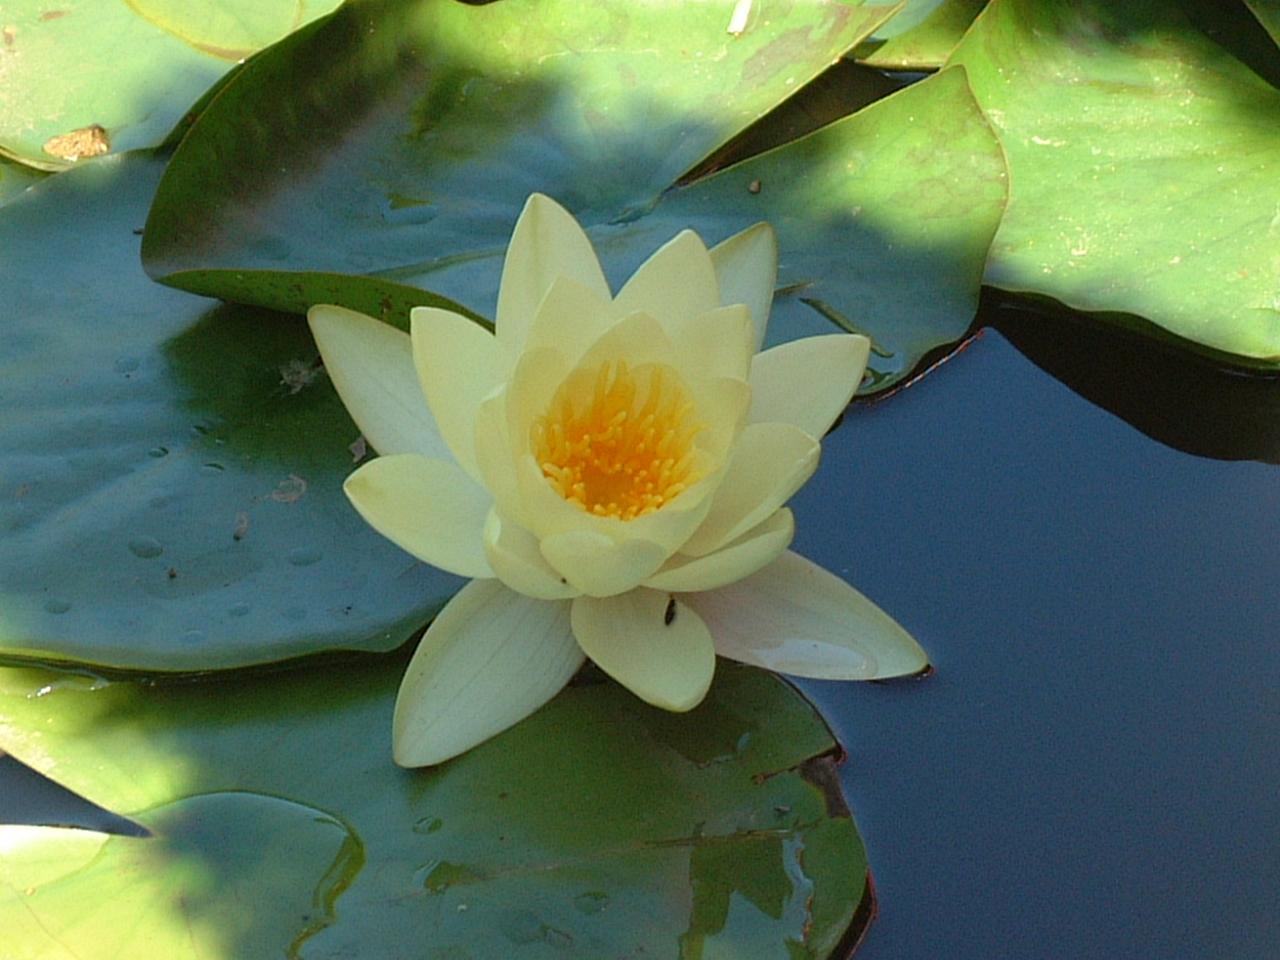 Patrick barret nous les nous a quitt messager de lumi re - Image fleur de lotus ...